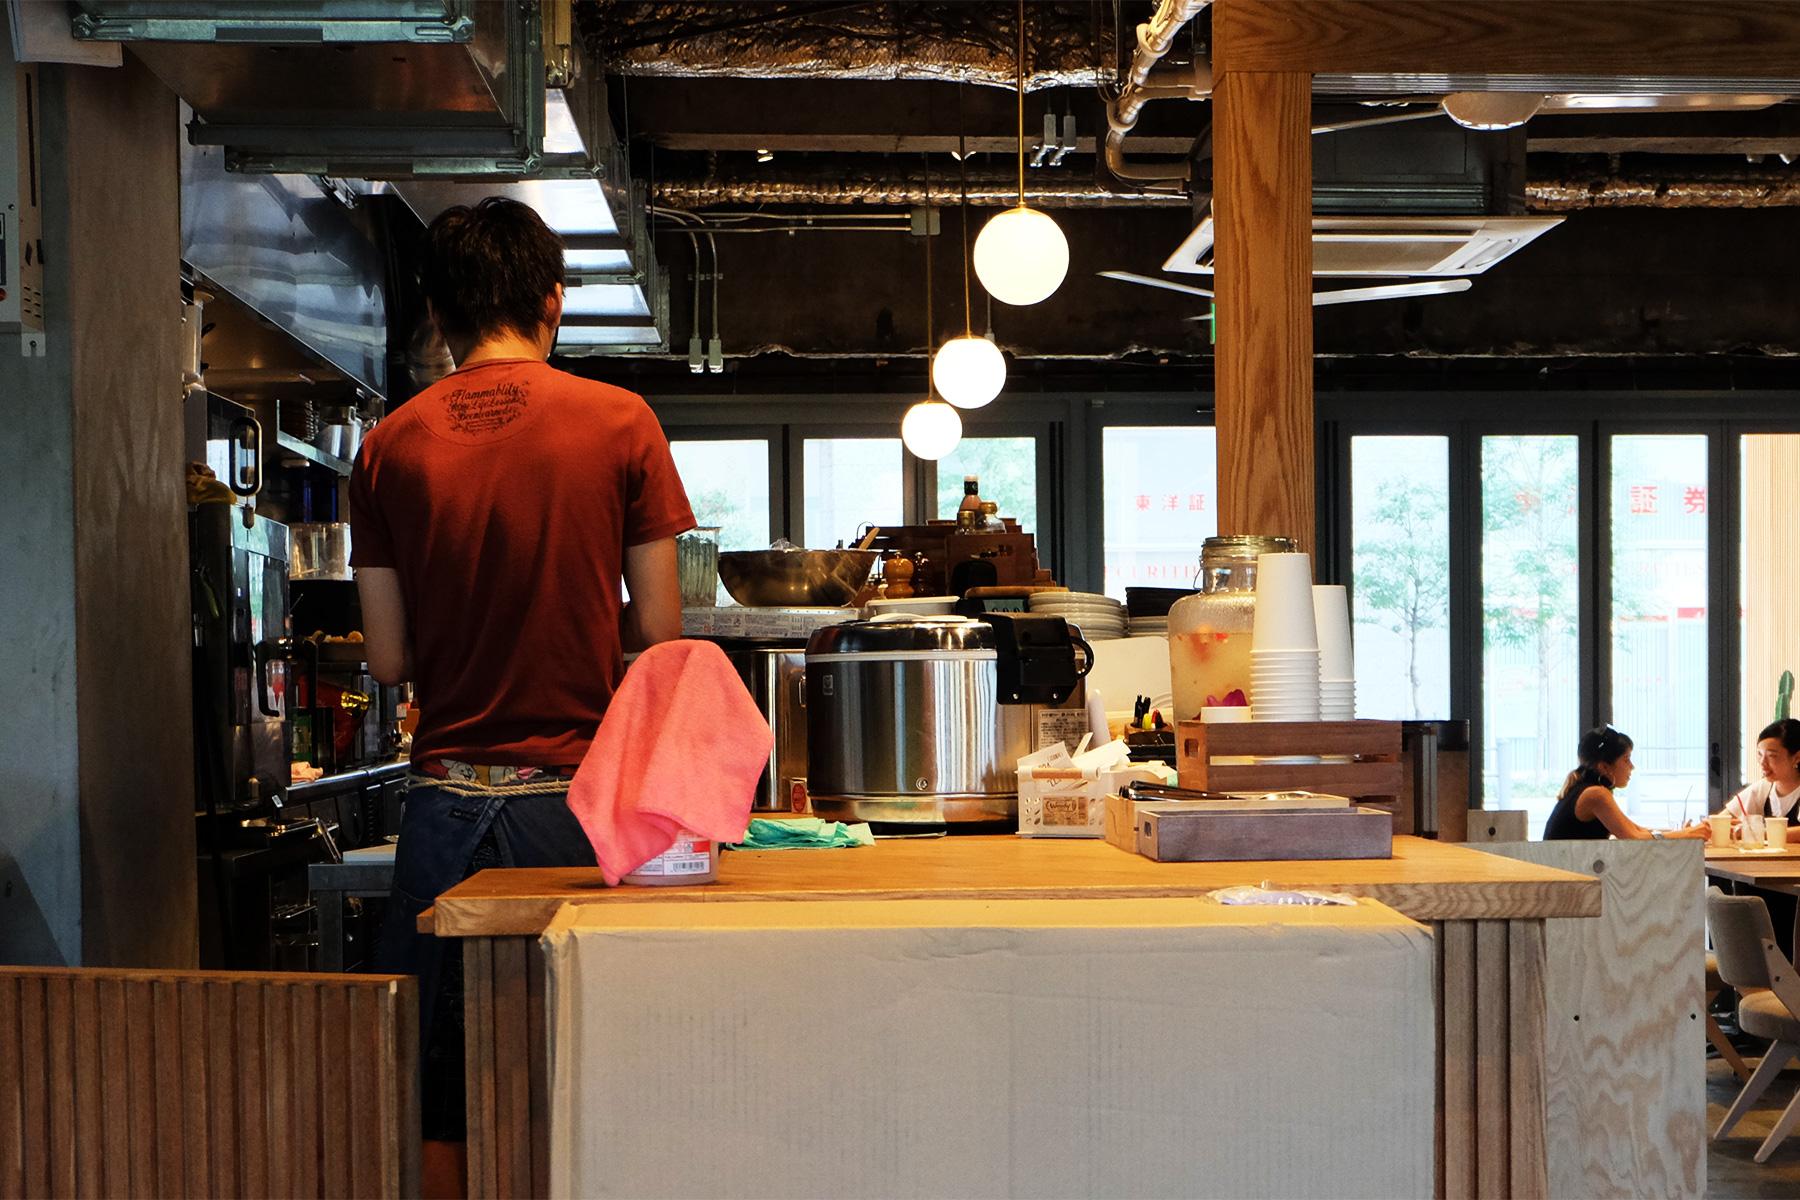 美味しいコーヒーを求めて。わざわざ行きたい大阪・北浜のカフェ・コーヒースタンド アンド アイランド (& ISLAND)